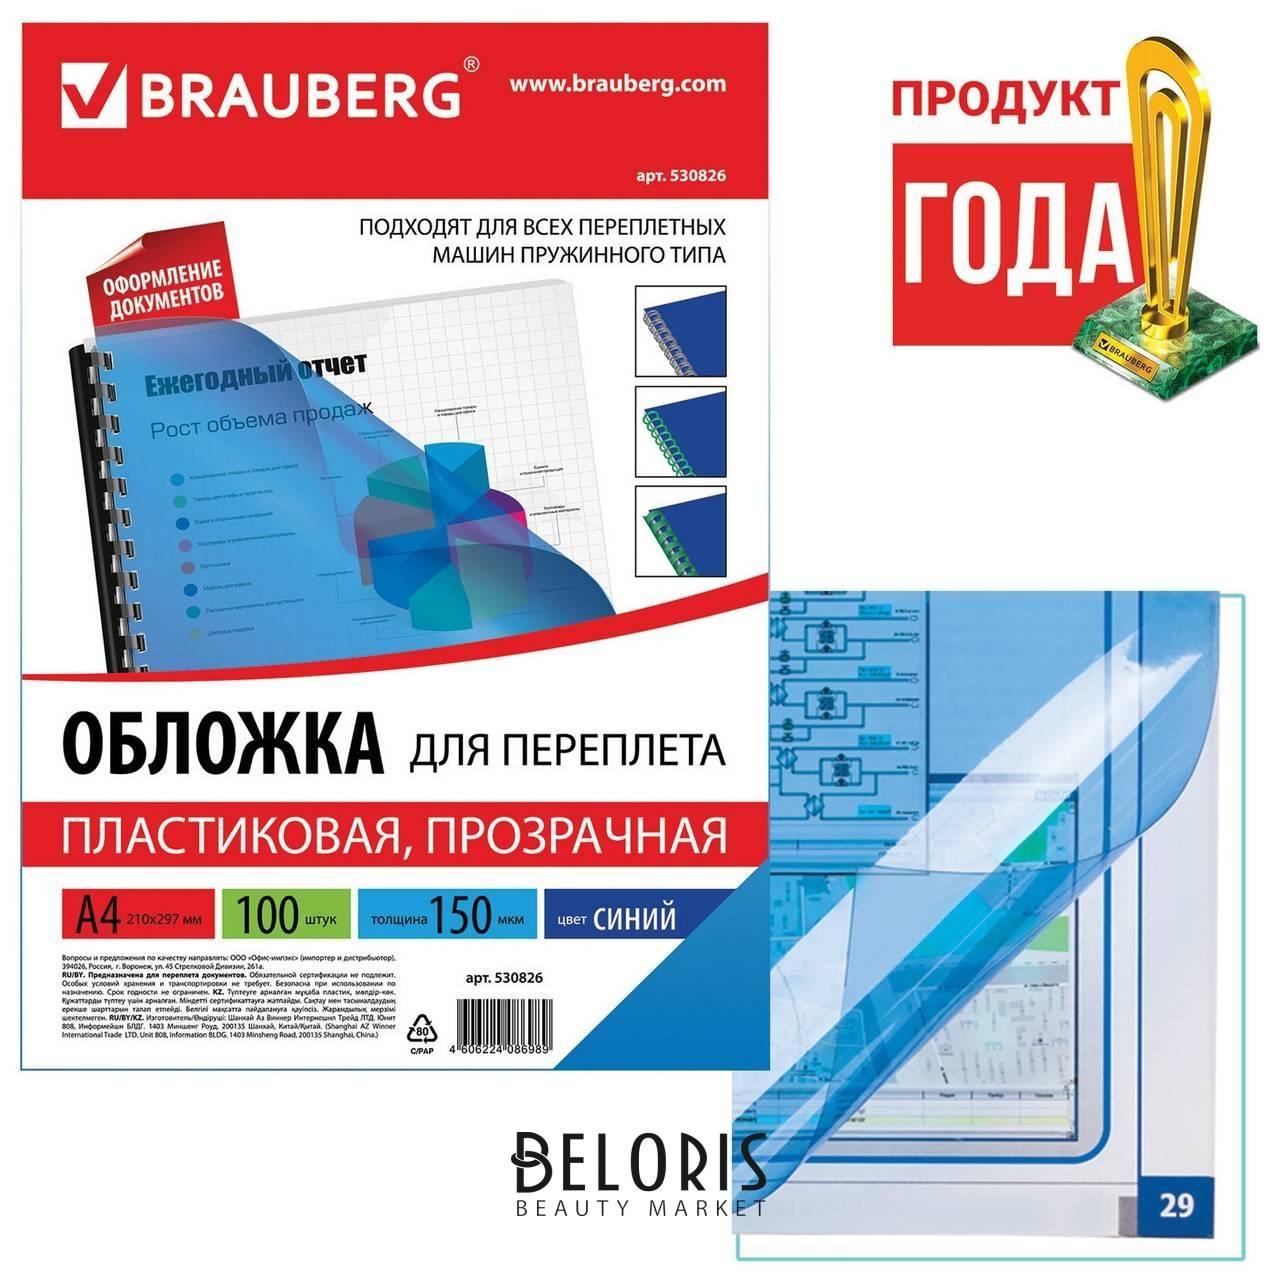 Обложки пластиковые для переплета, А4, комплект 100 шт., 150 мкм, прозрачно-синие, BRAUBERG  Brauberg